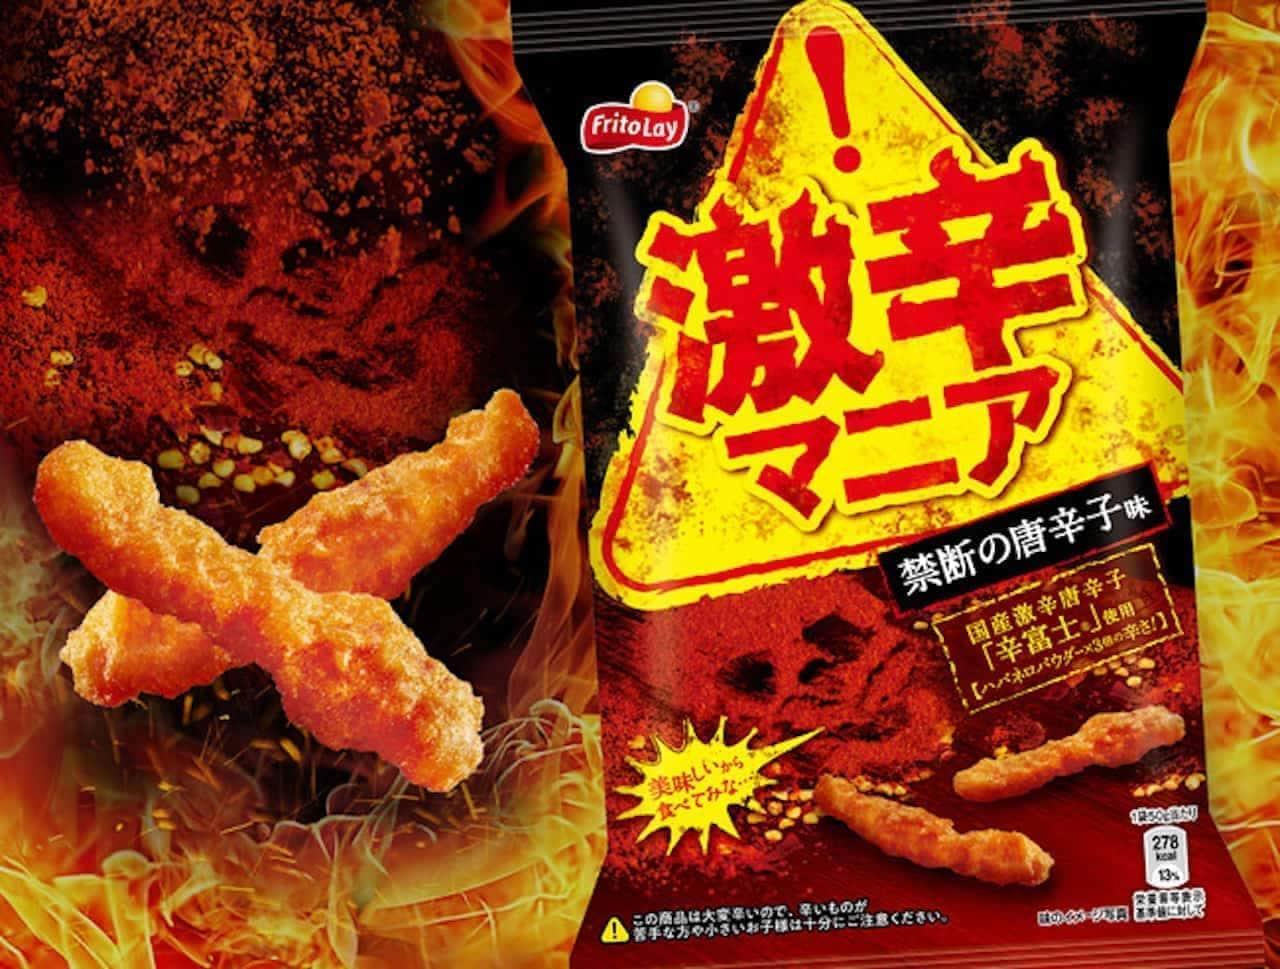 ジャパンフリトレー「激辛マニア 禁断の唐辛子味」